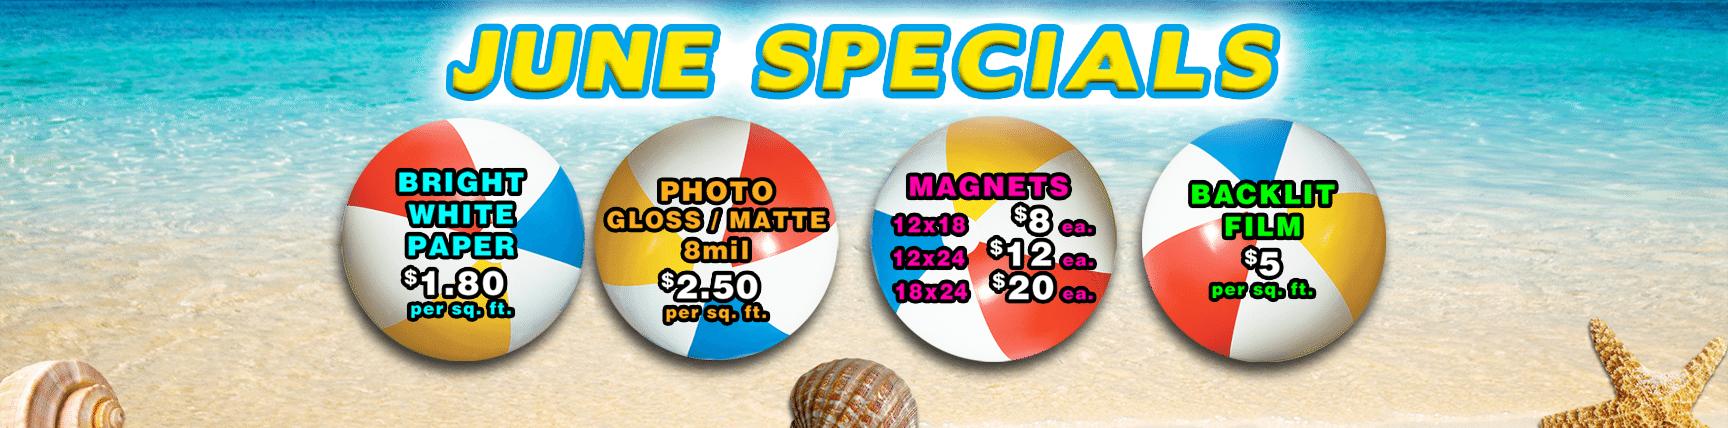 June_Specials